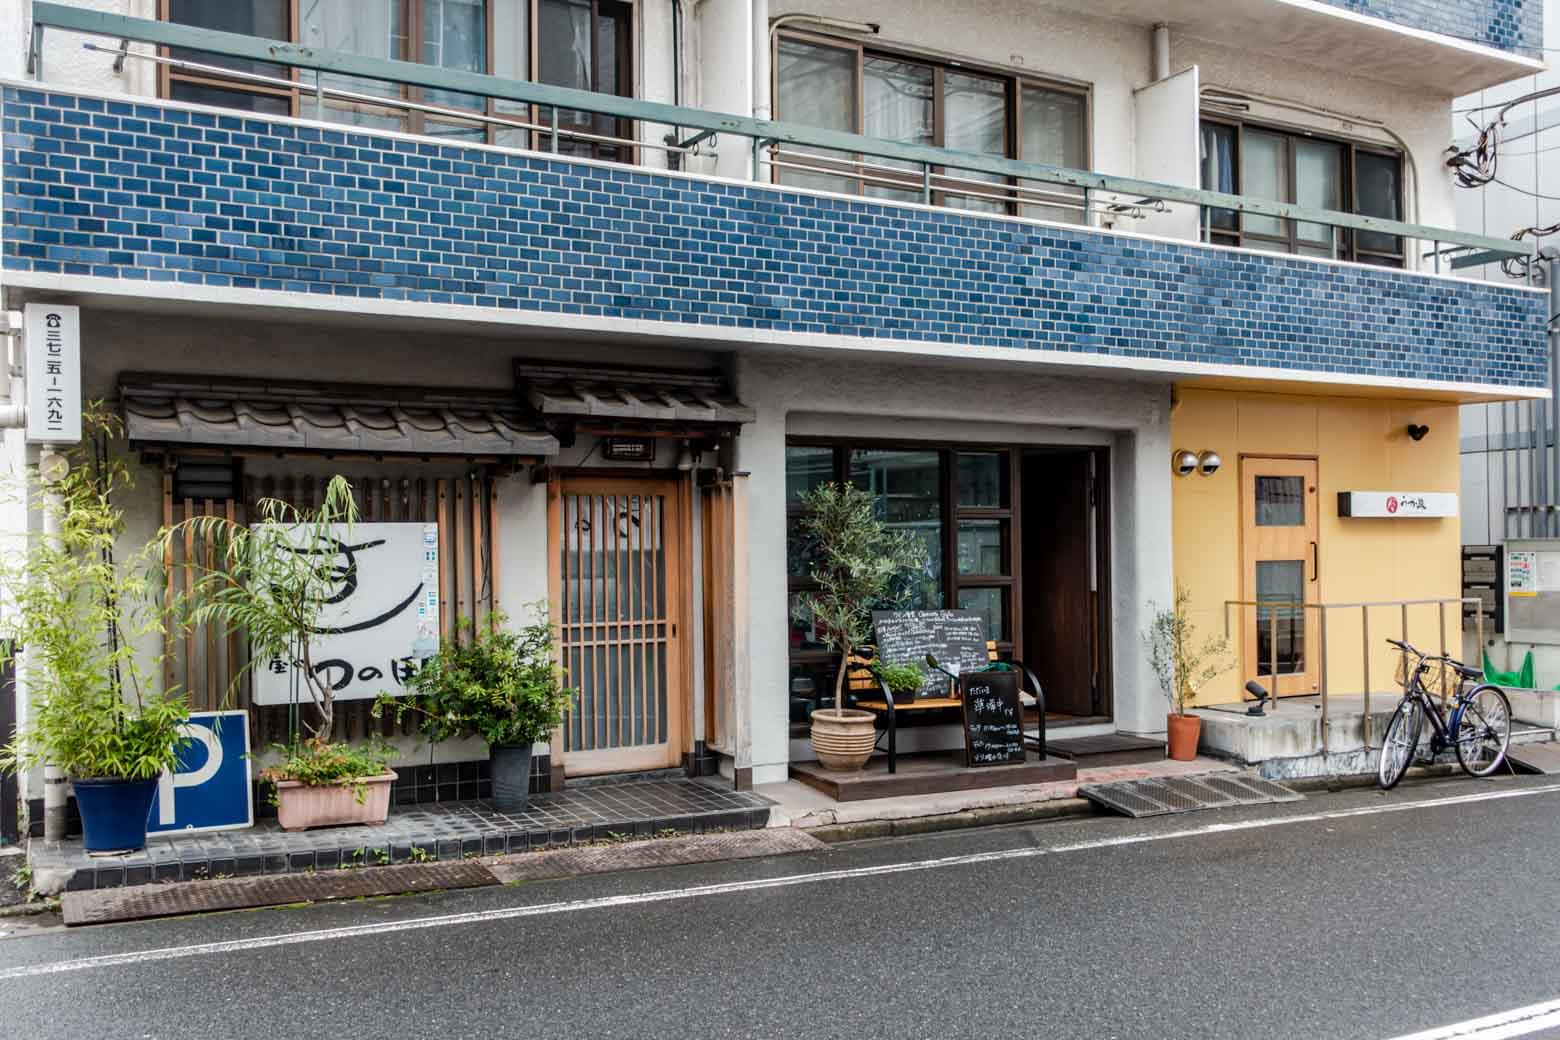 しかも、1階には寿司屋とワイン食堂、さらに割烹料理屋が入っています。盤石の体制です。